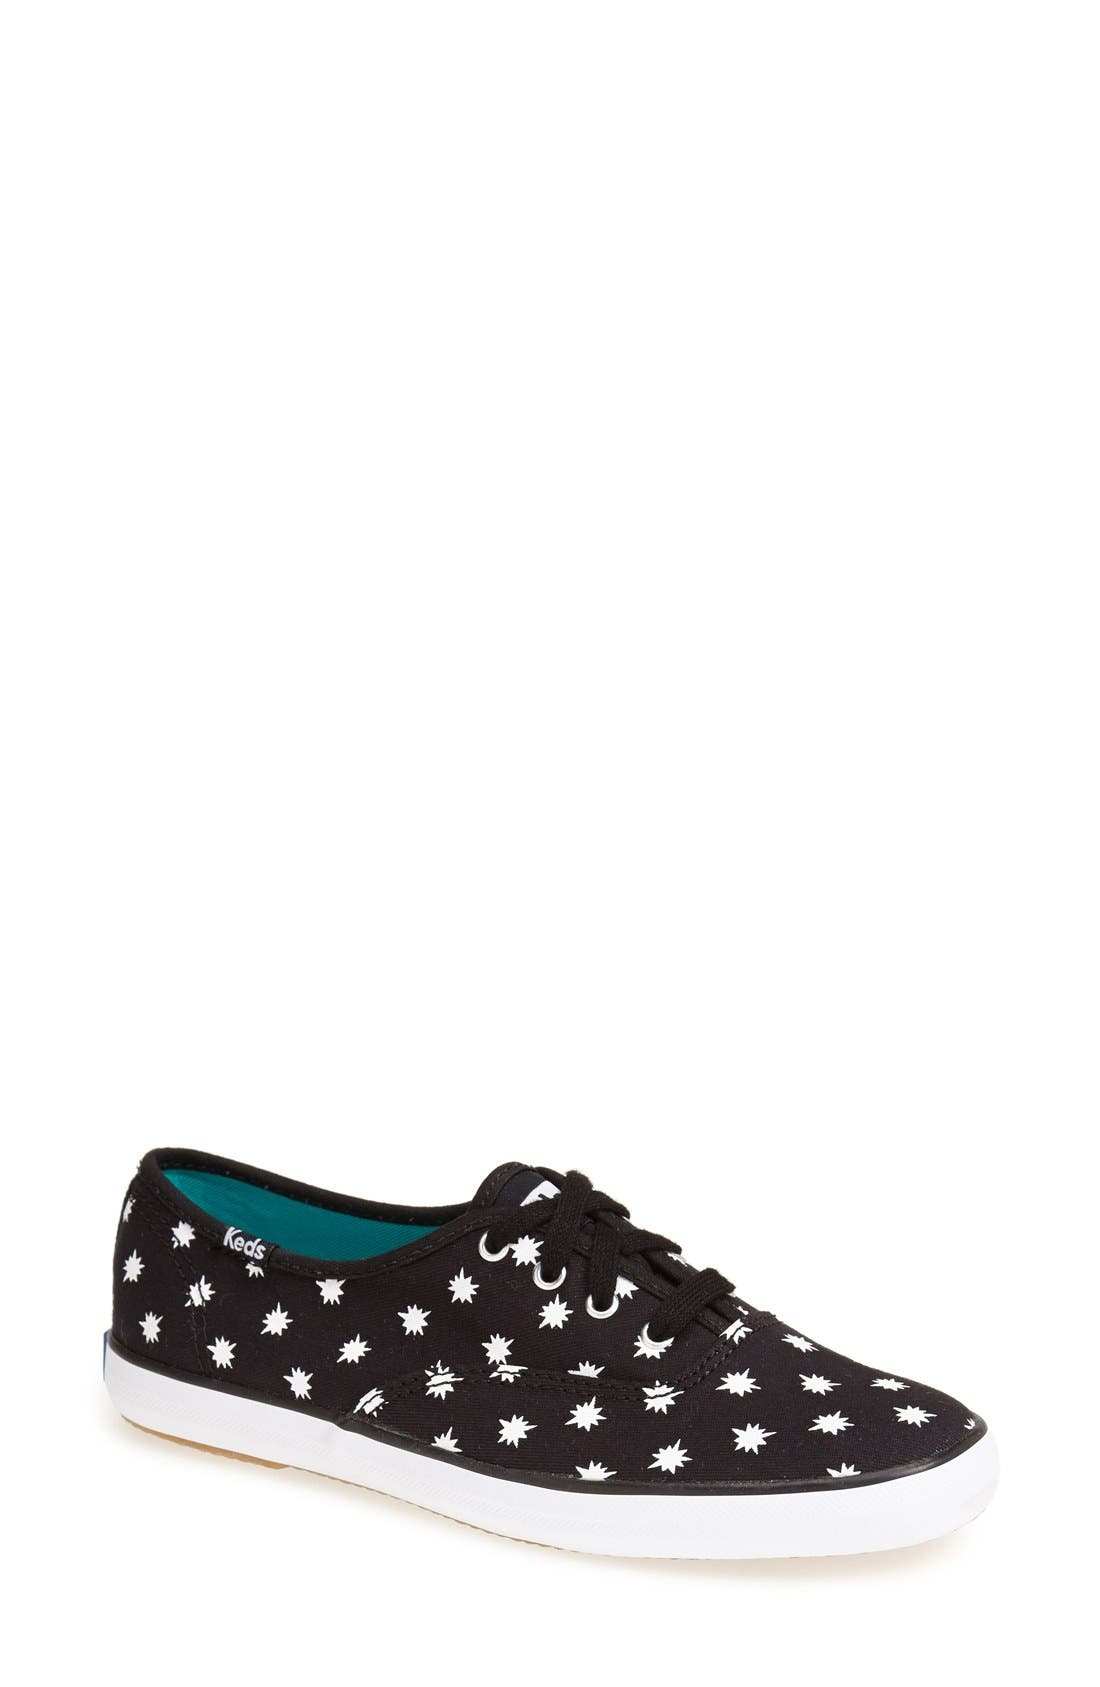 Alternate Image 1 Selected - Keds® 'Champion - Starburst' Sneaker (Women)